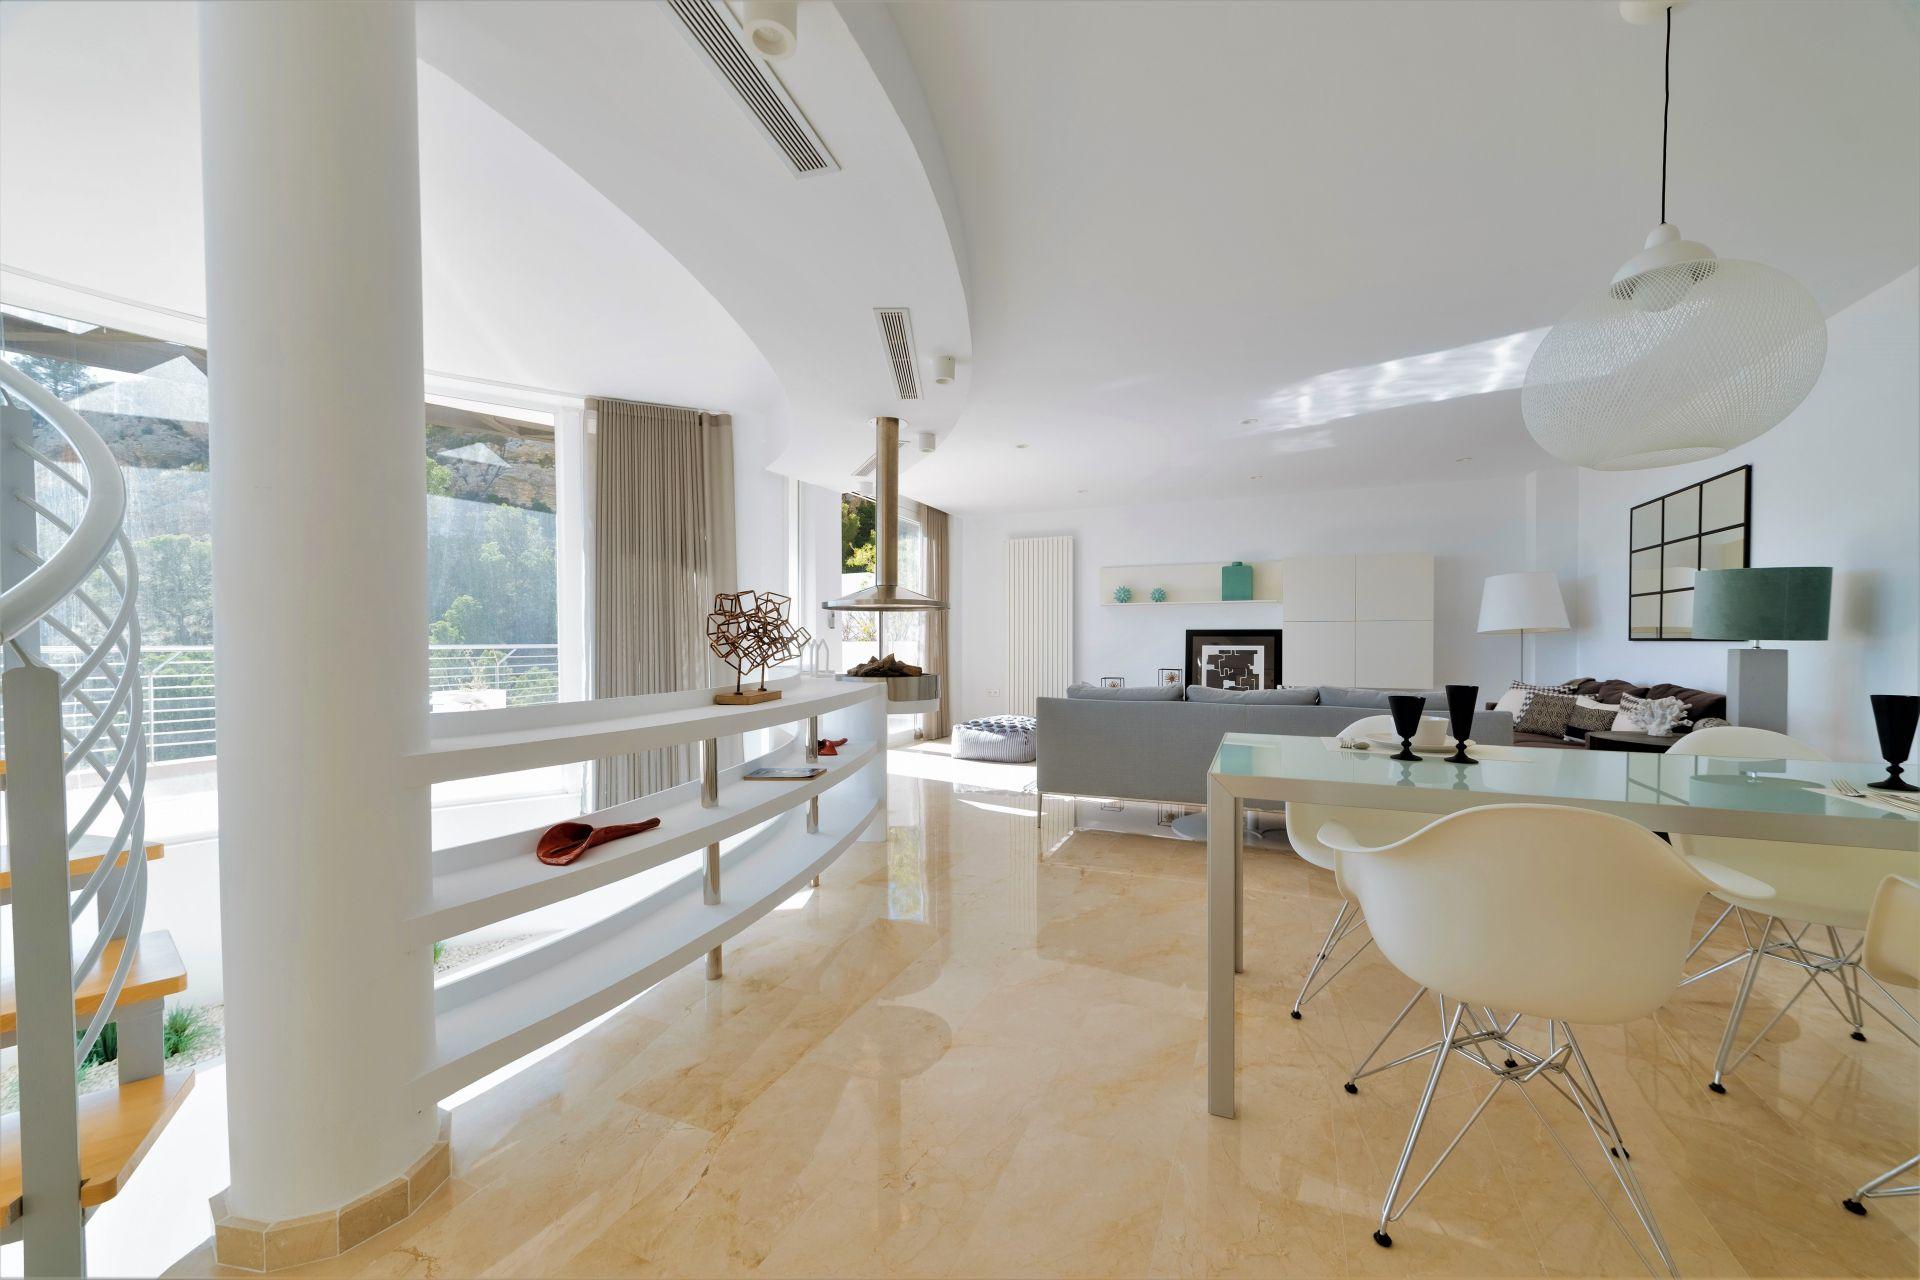 Villas with incredible views to the Mediterranean Sea in Altea 17